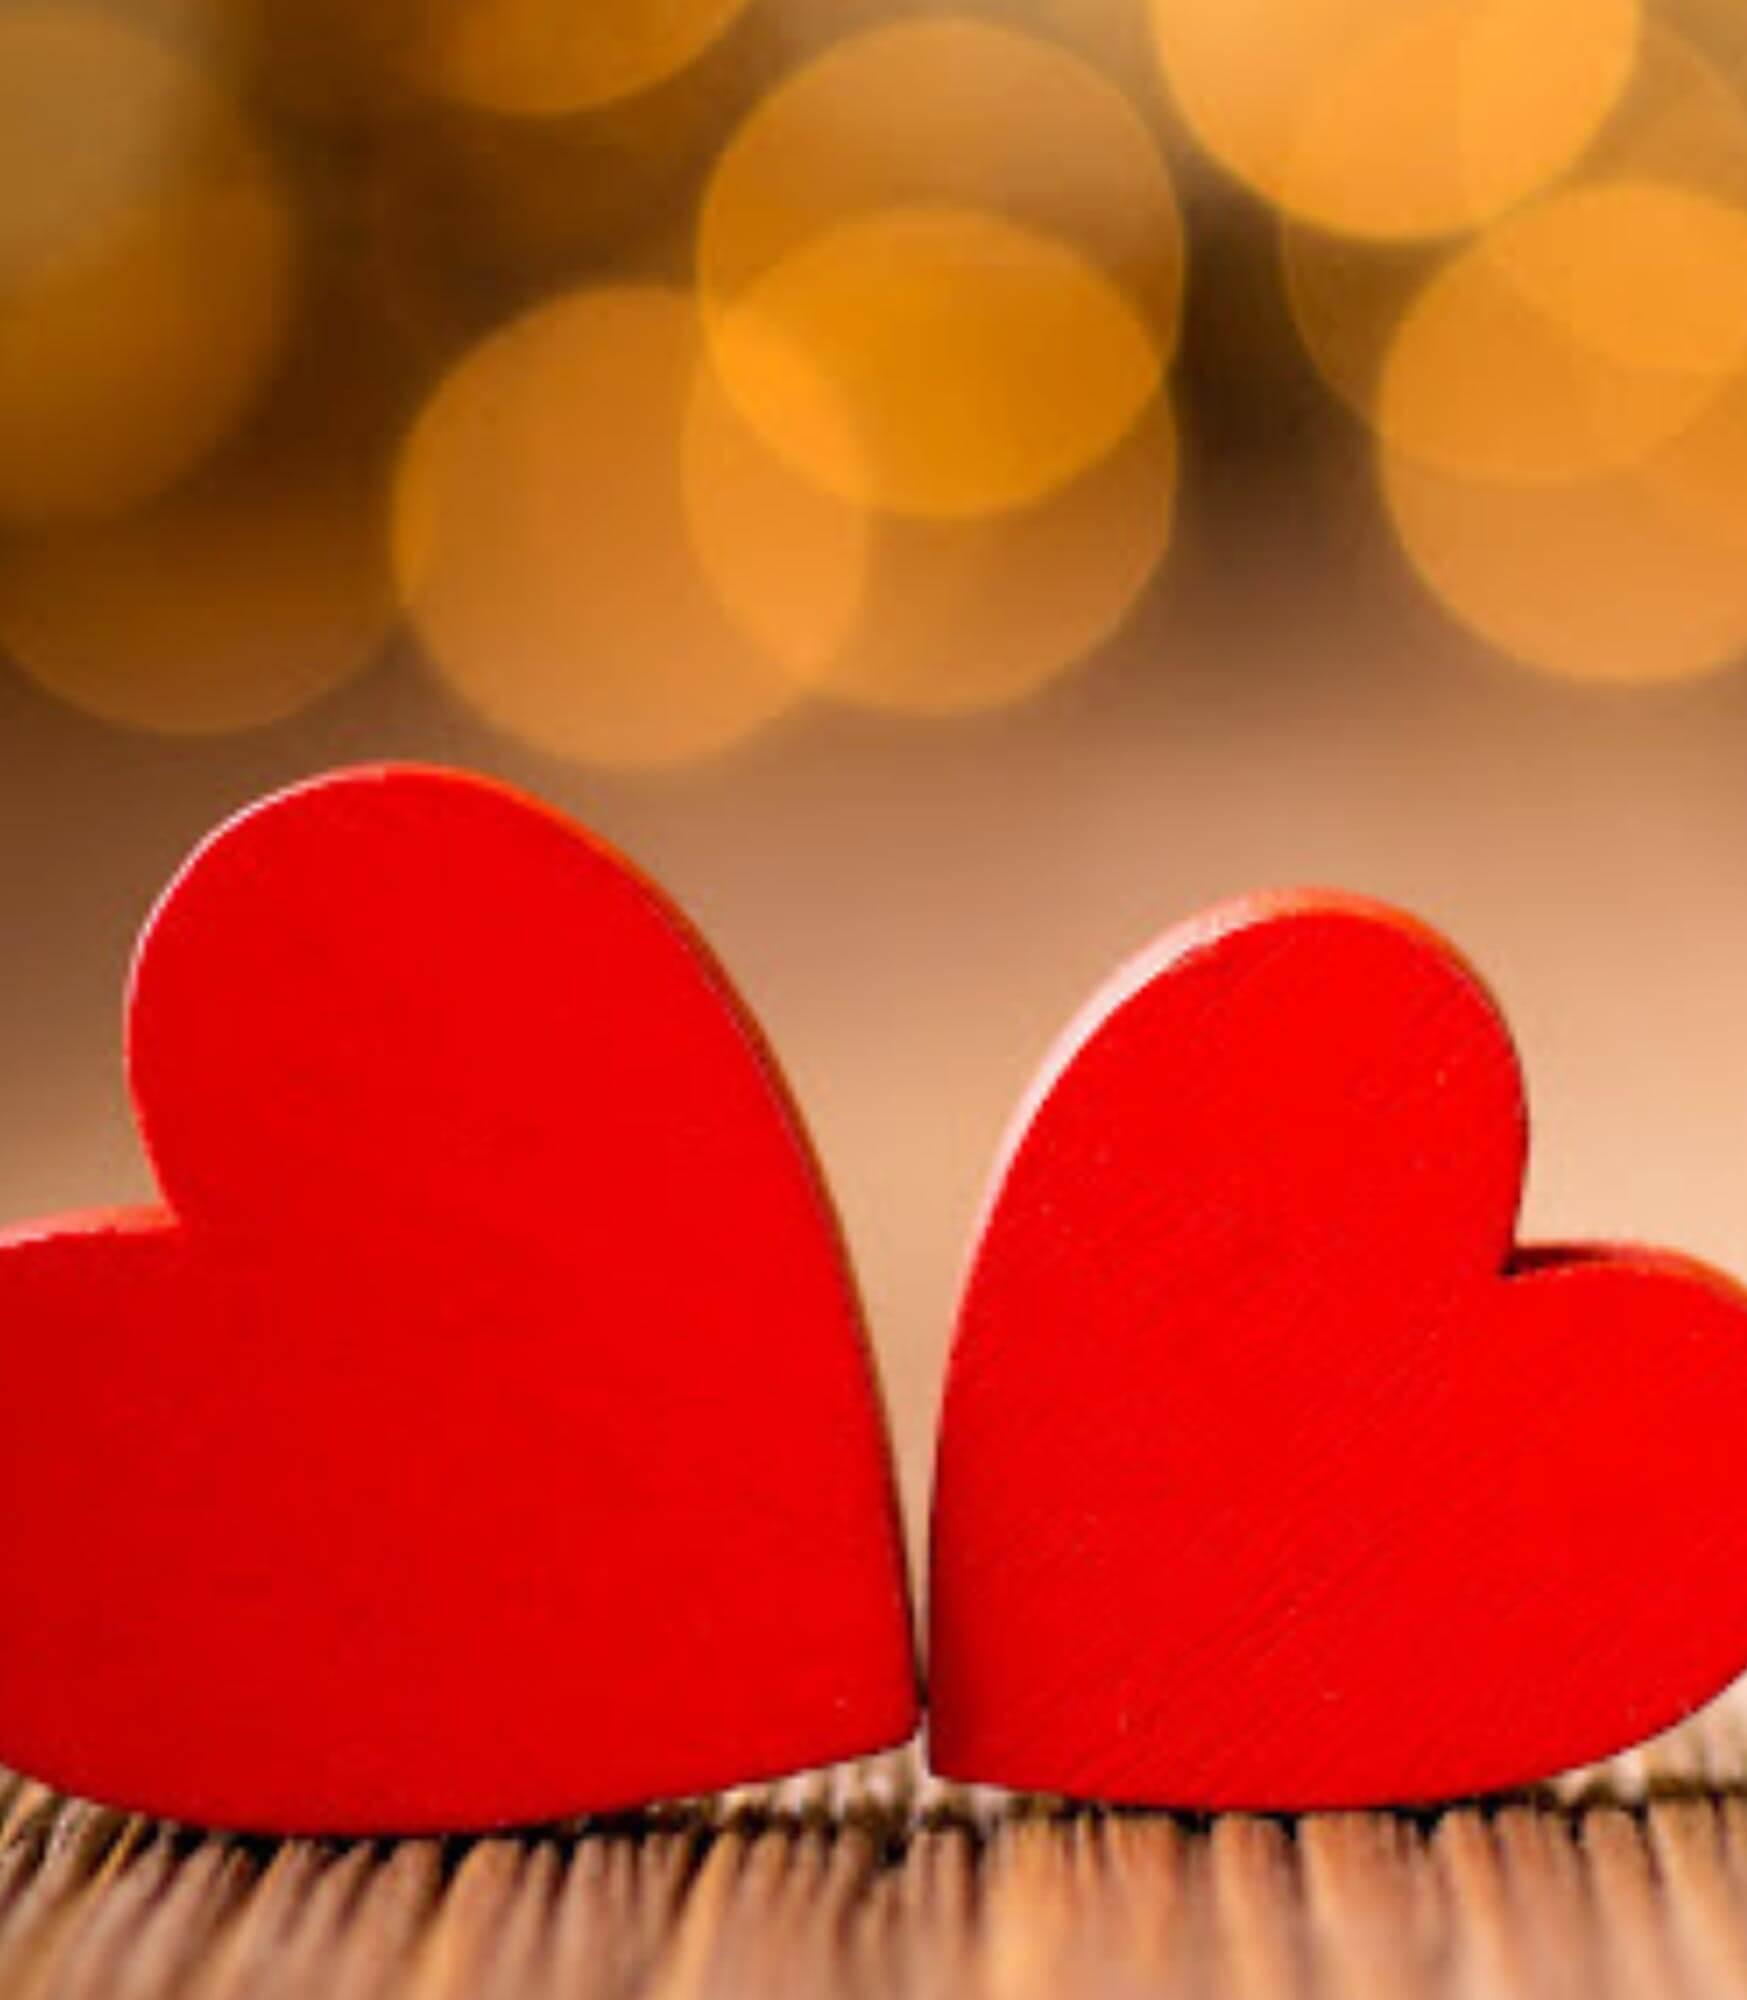 Párkapcsolat: Az ikerláng és lélekpár szerelem (videó sorozat)